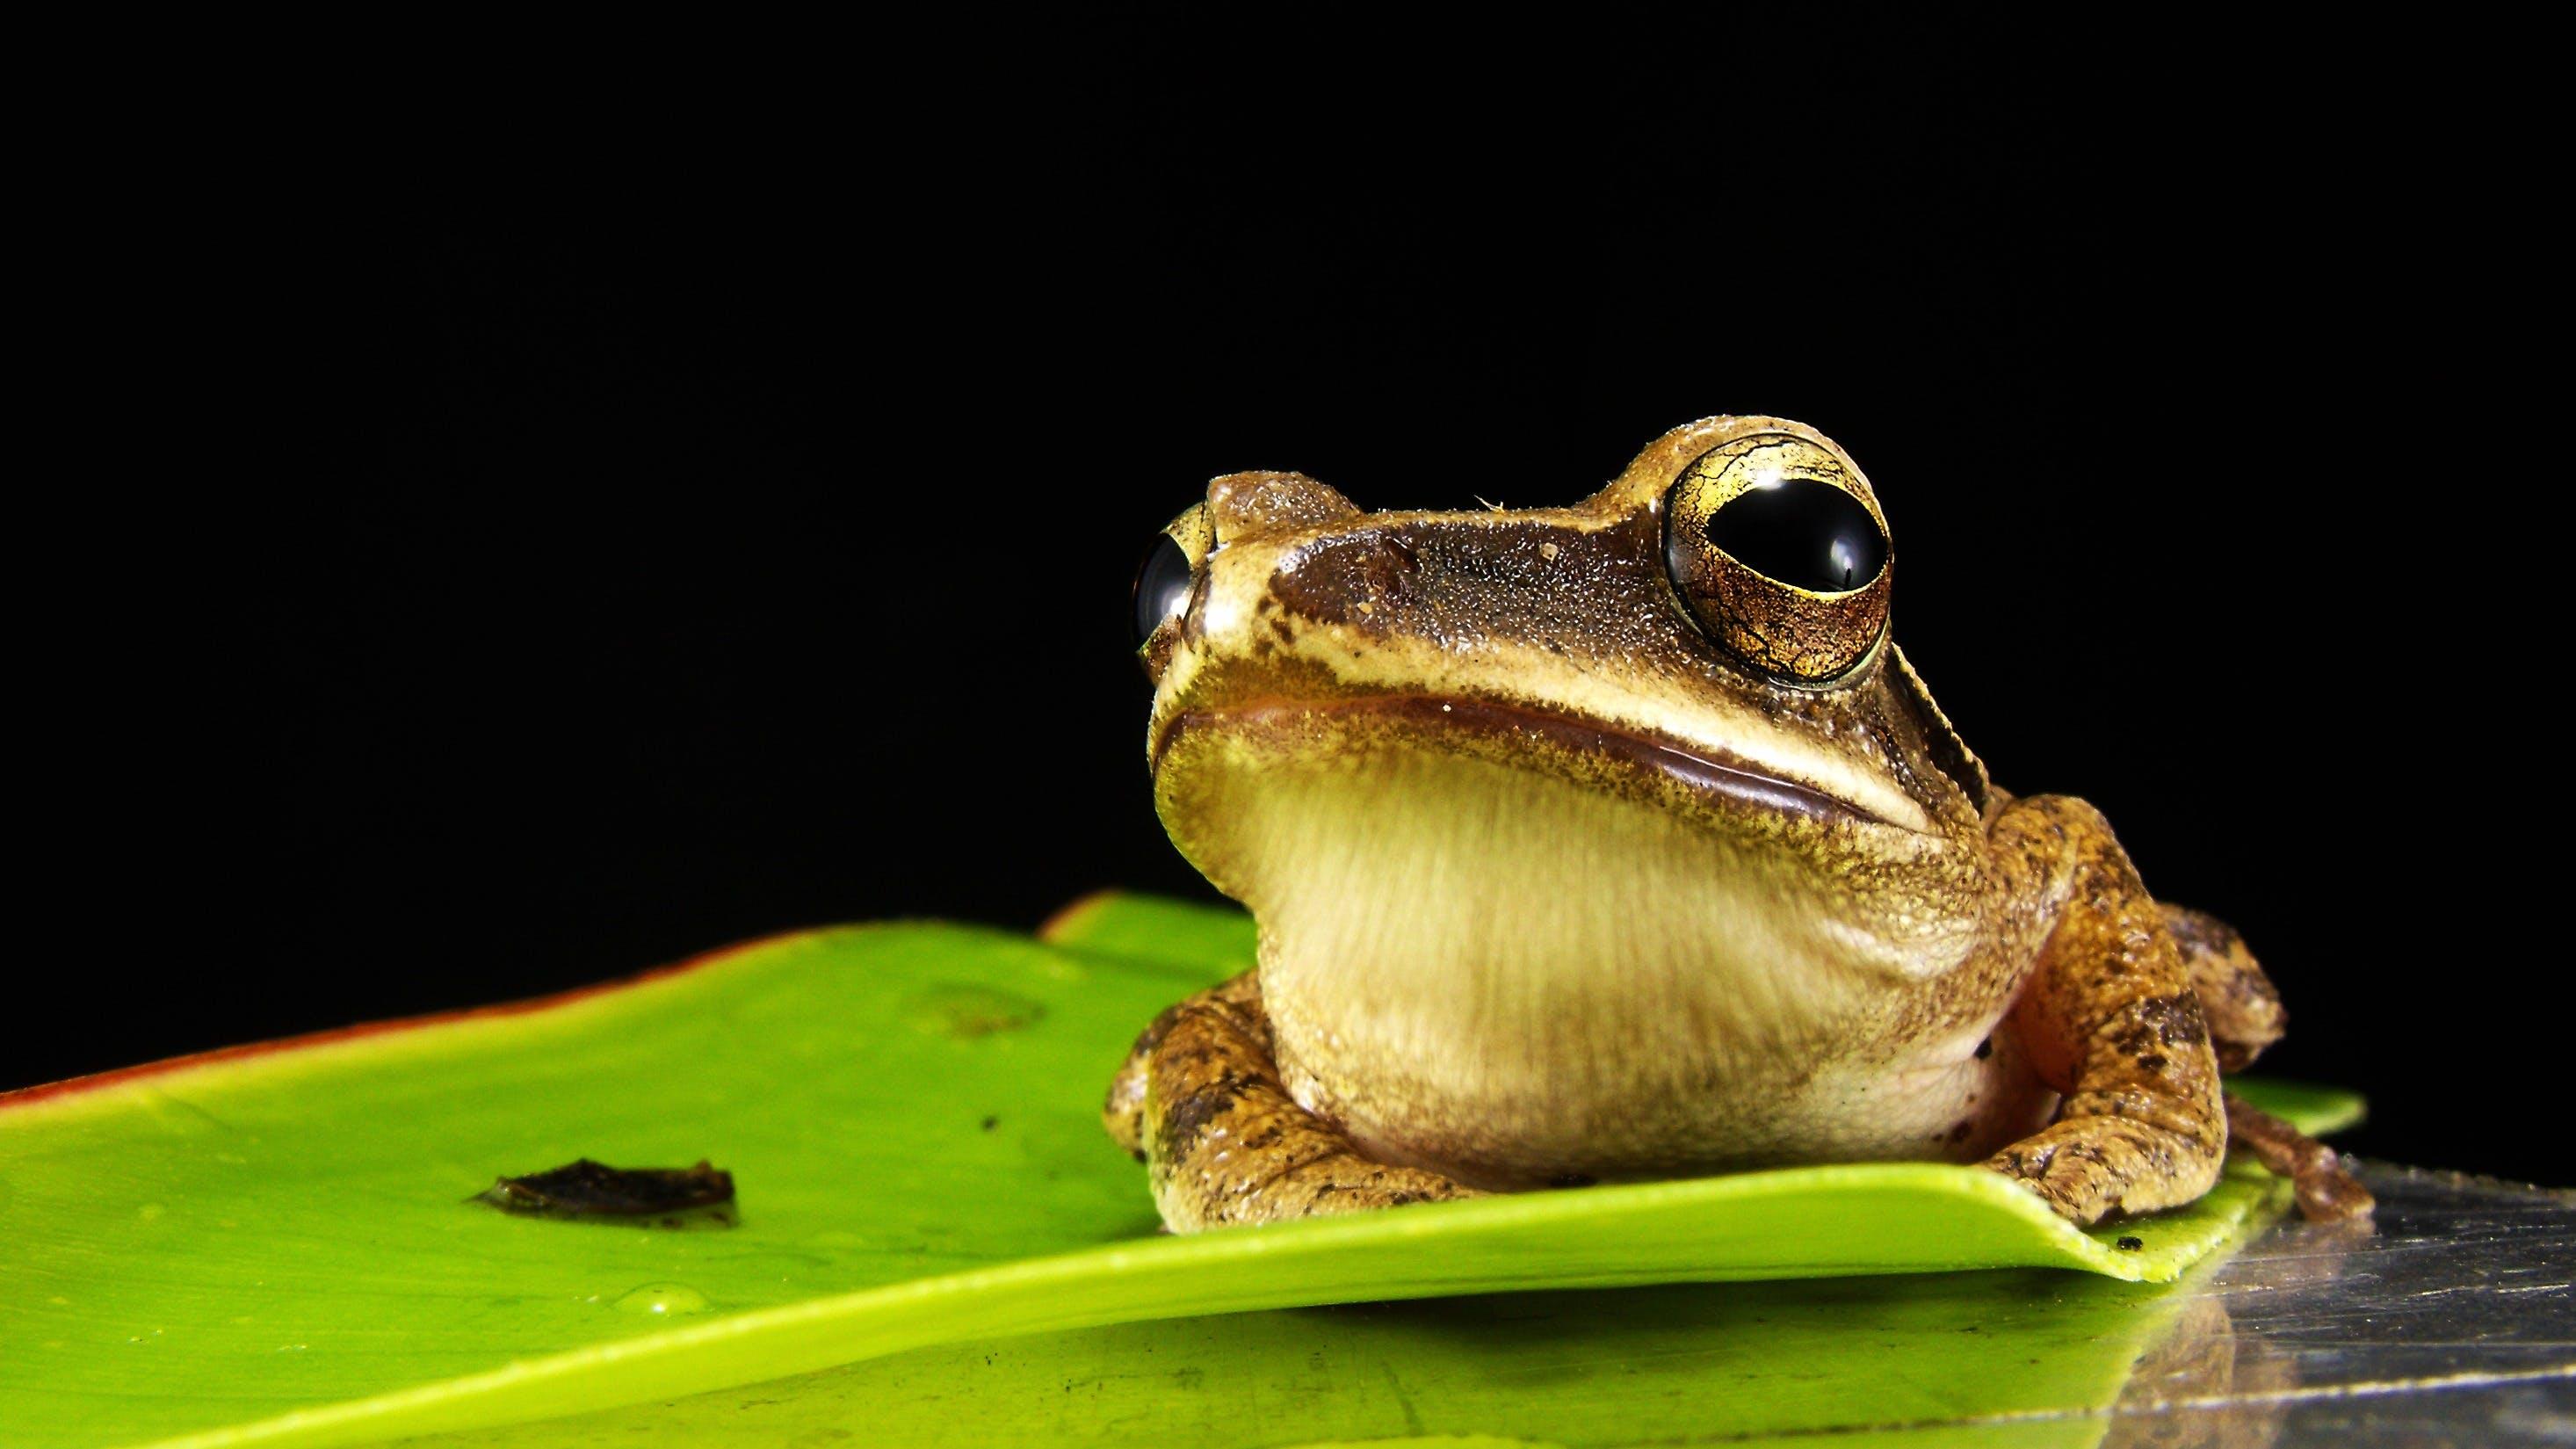 Gratis lagerfoto af close-up, dyr, dyrefotografering, frø